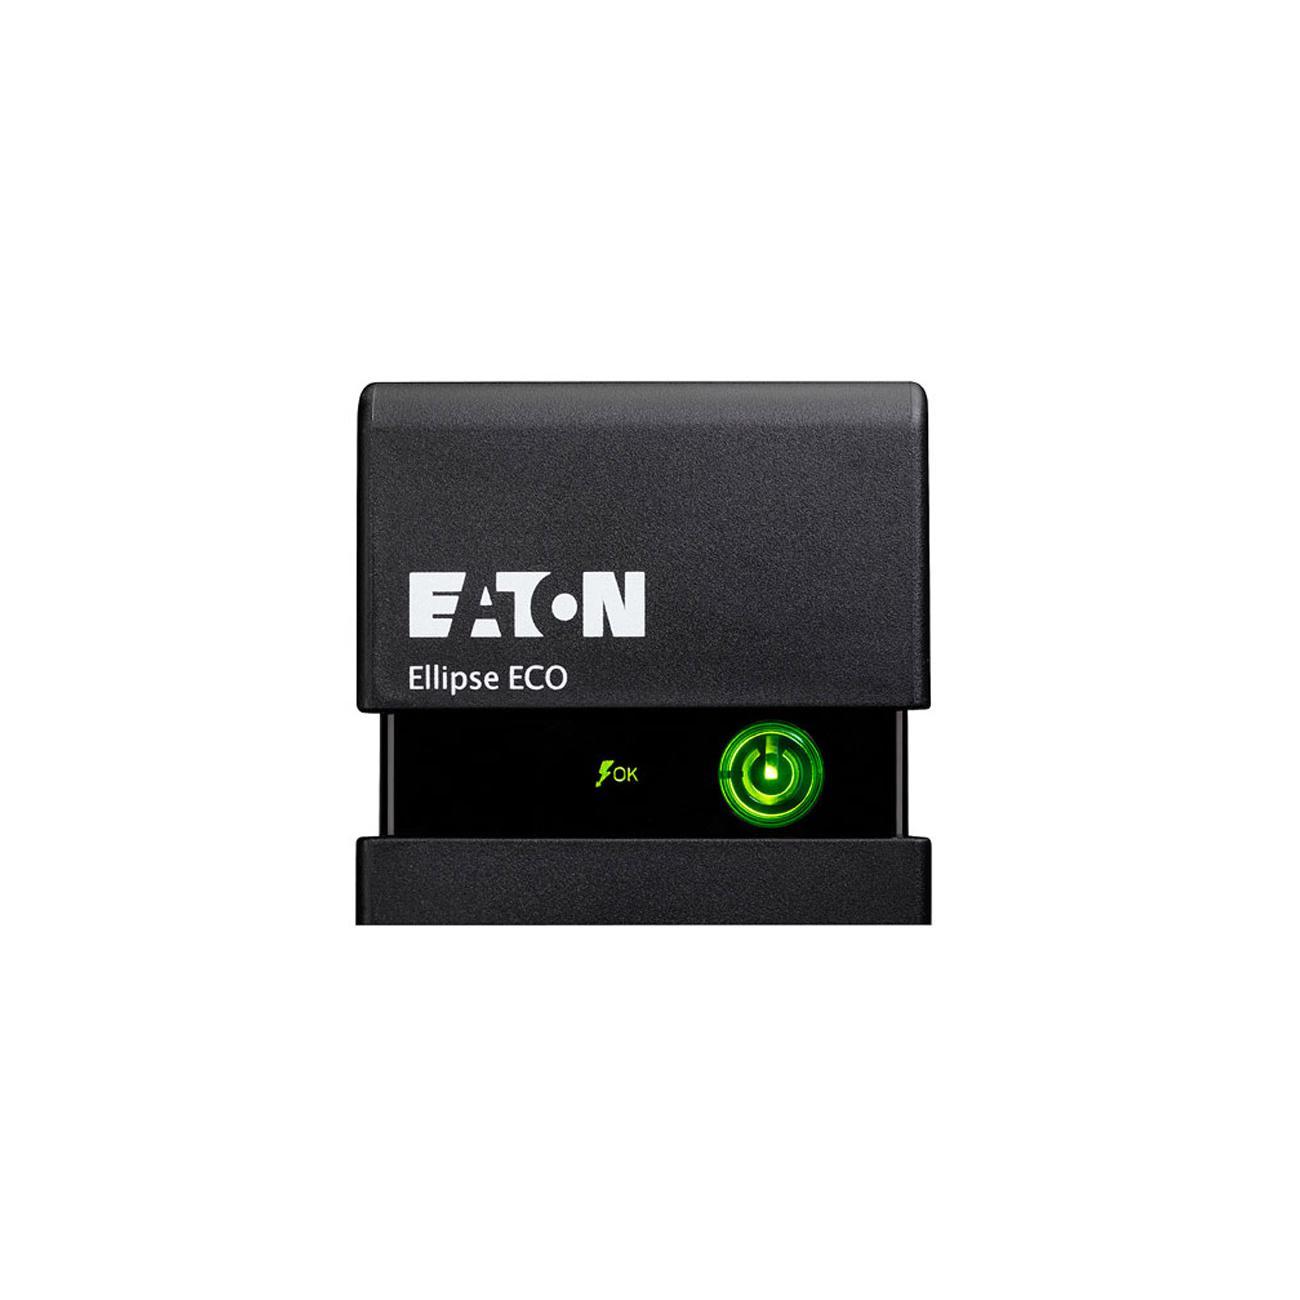 Eaton Ellipse ECO 800 FR